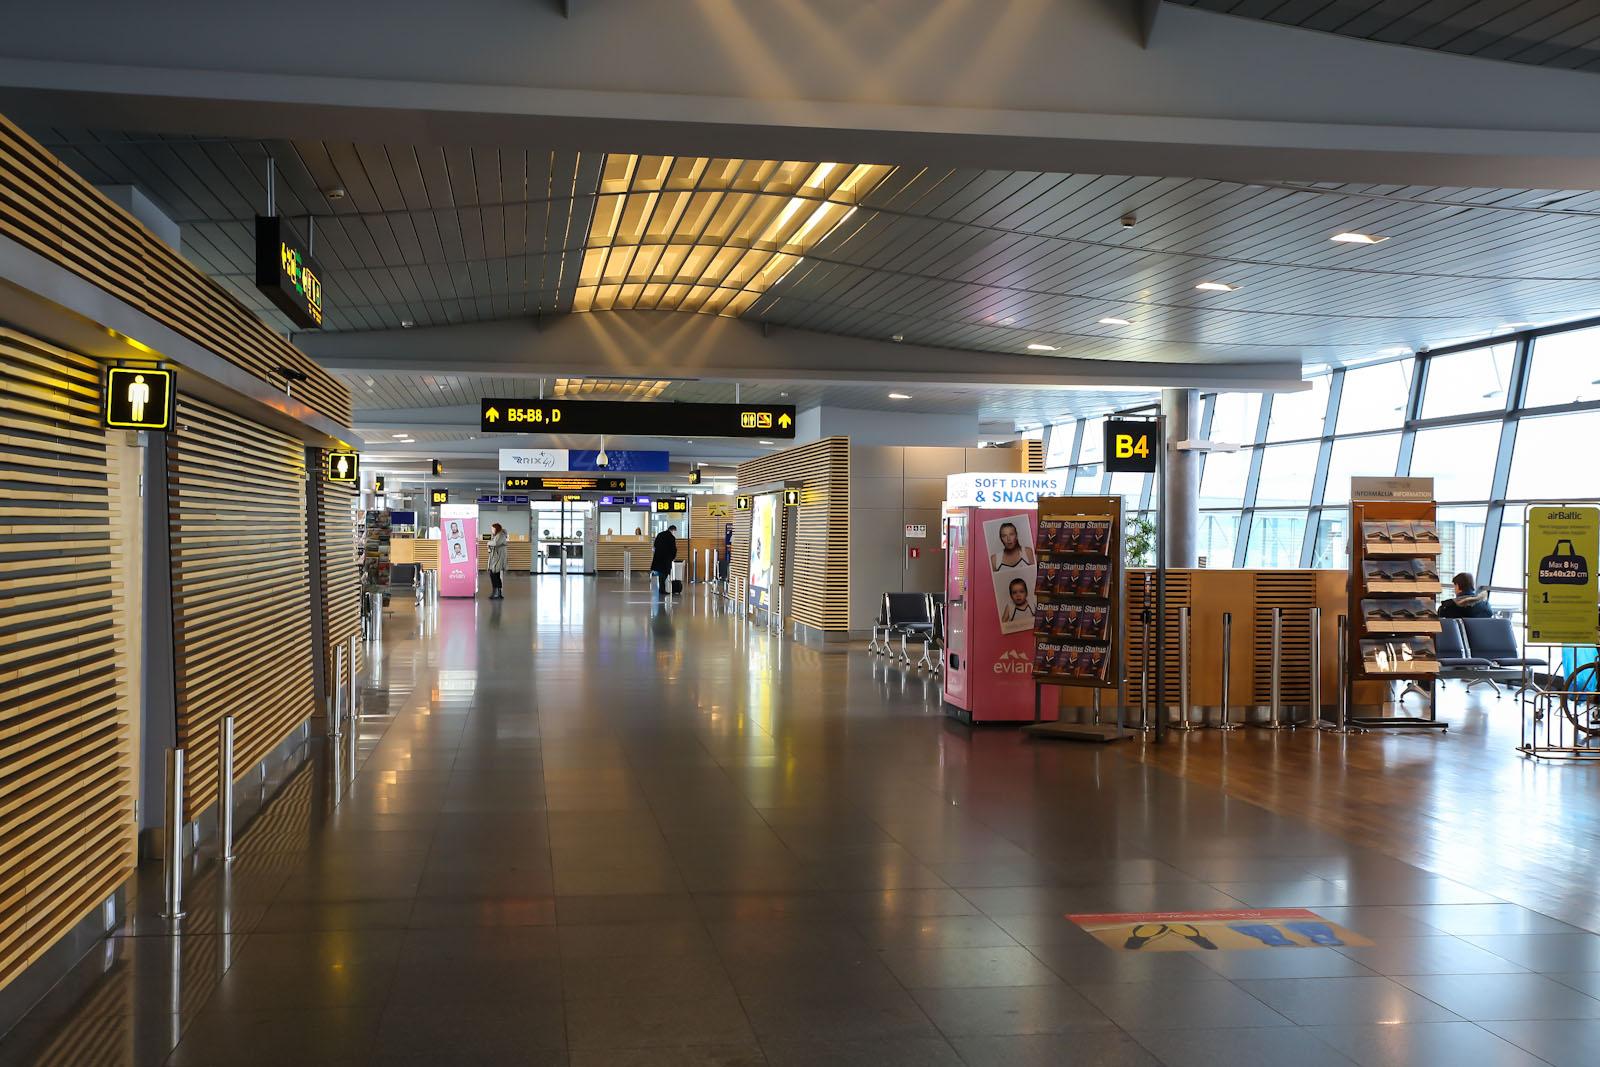 Зона выходов на посадку в аэропорту Рига